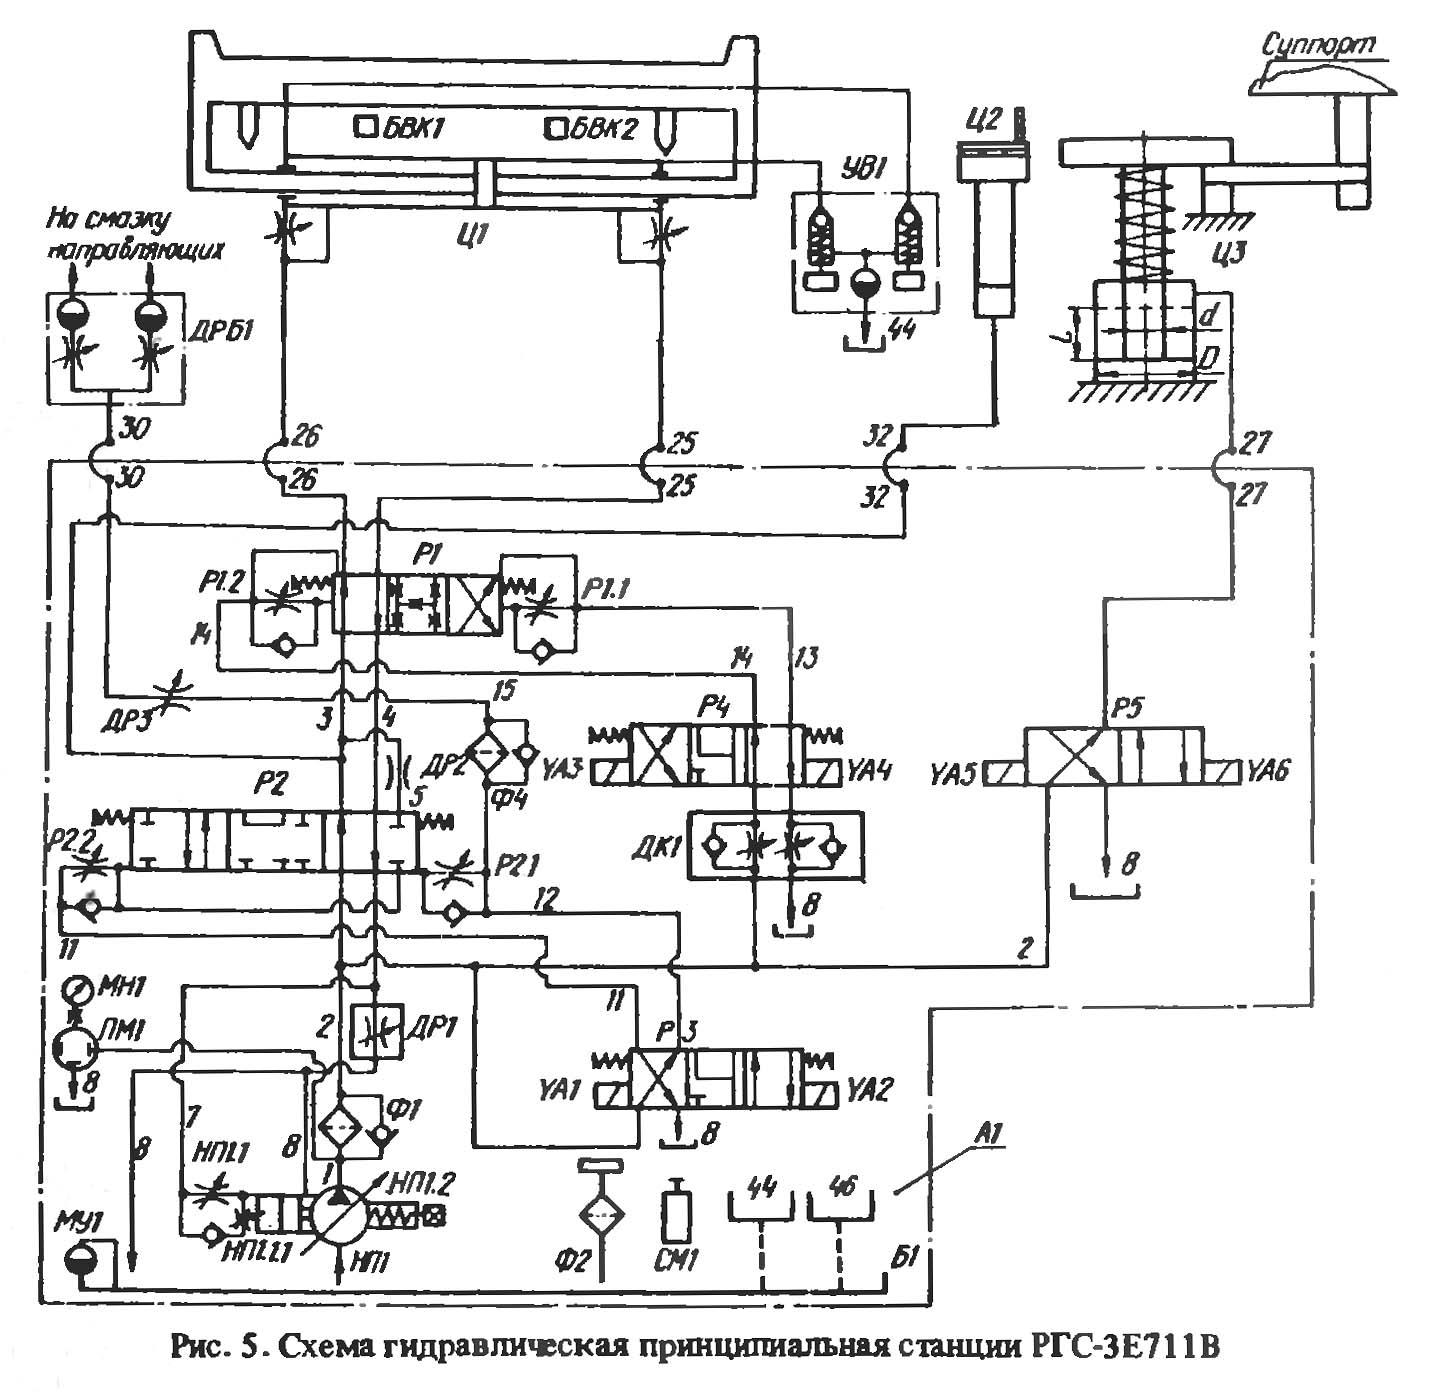 3д711вф11 схема гидравлическая